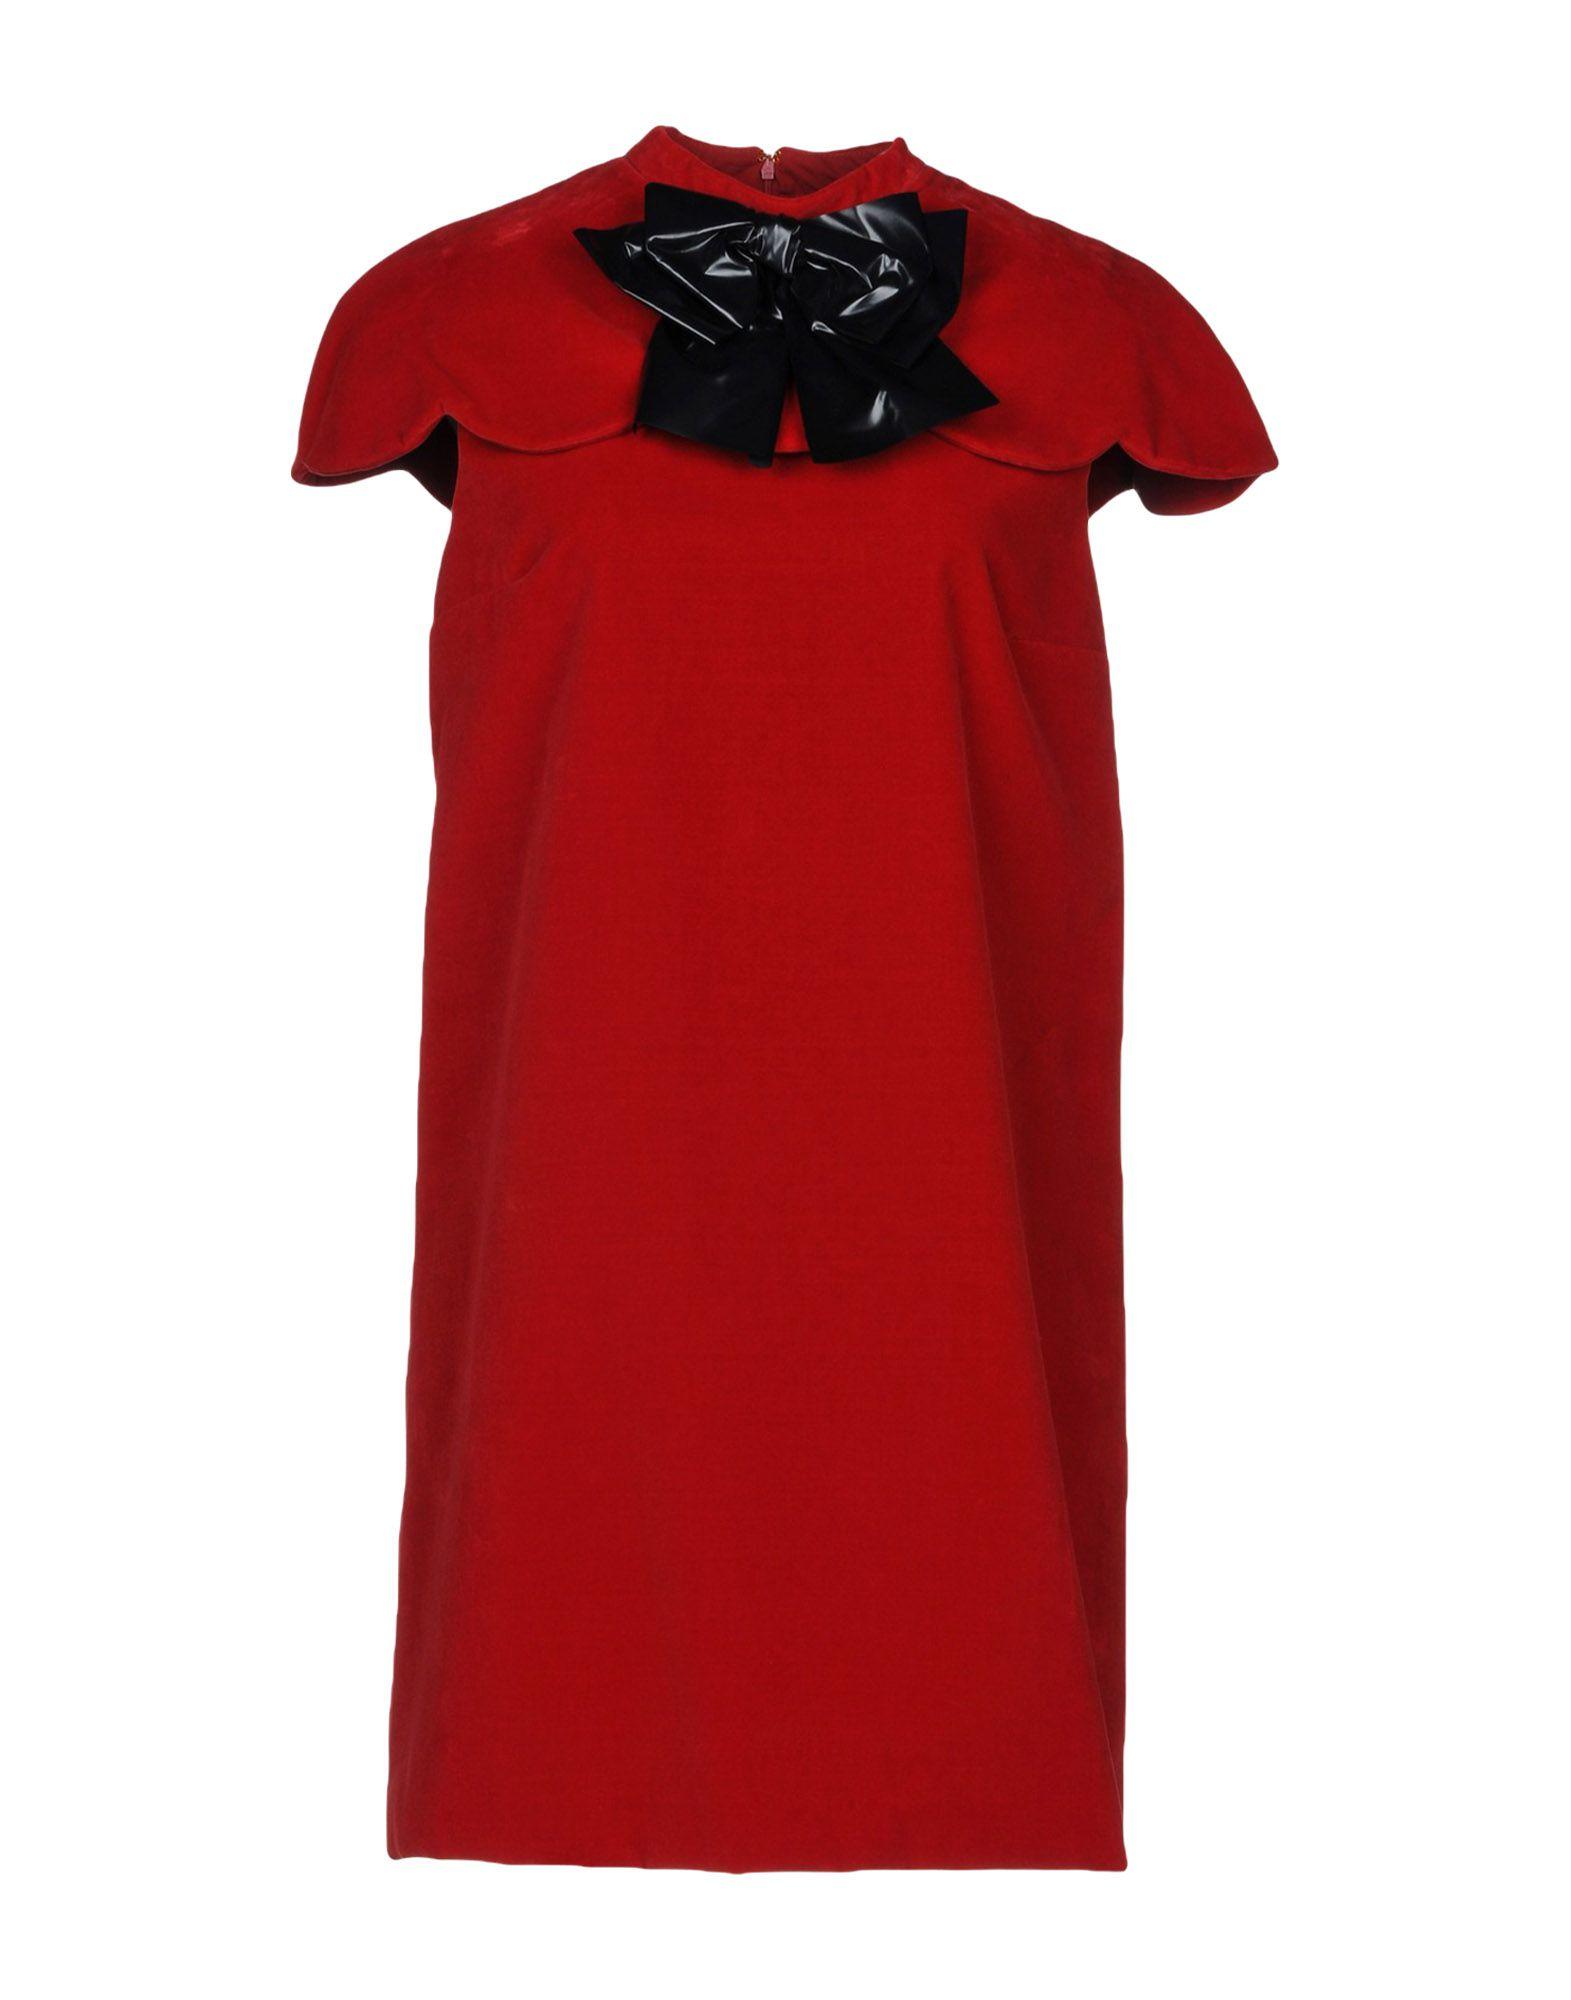 DANIELE CARLOTTA Short Dress in Red